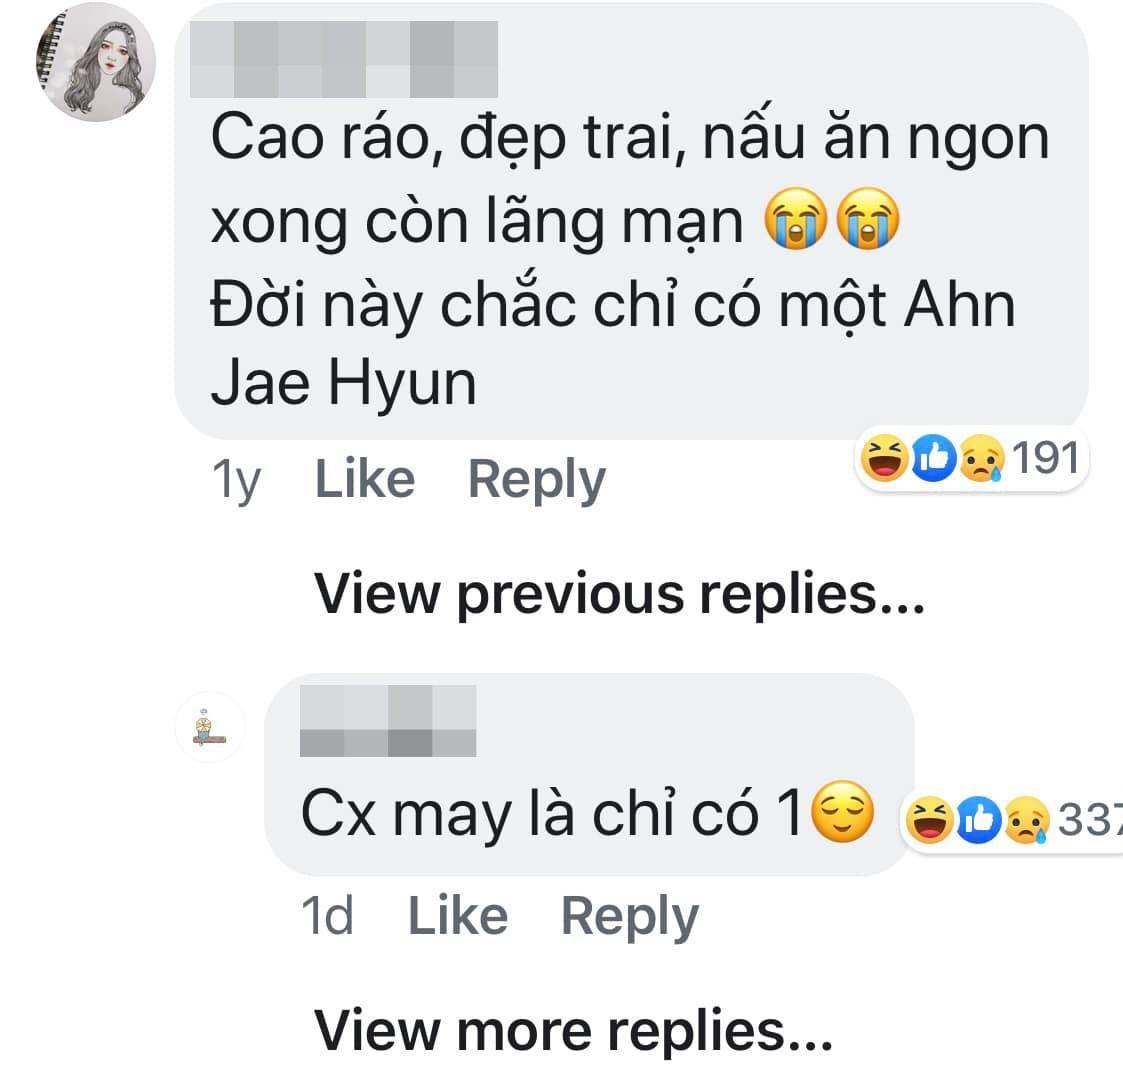 VZN News: Ahn Jae Hyun làm netizen Việt tự vả không trượt phát nào: Hồi đó là người đàn ông lý tưởng của chị em, giờ chạy mất dép - Ảnh 8.